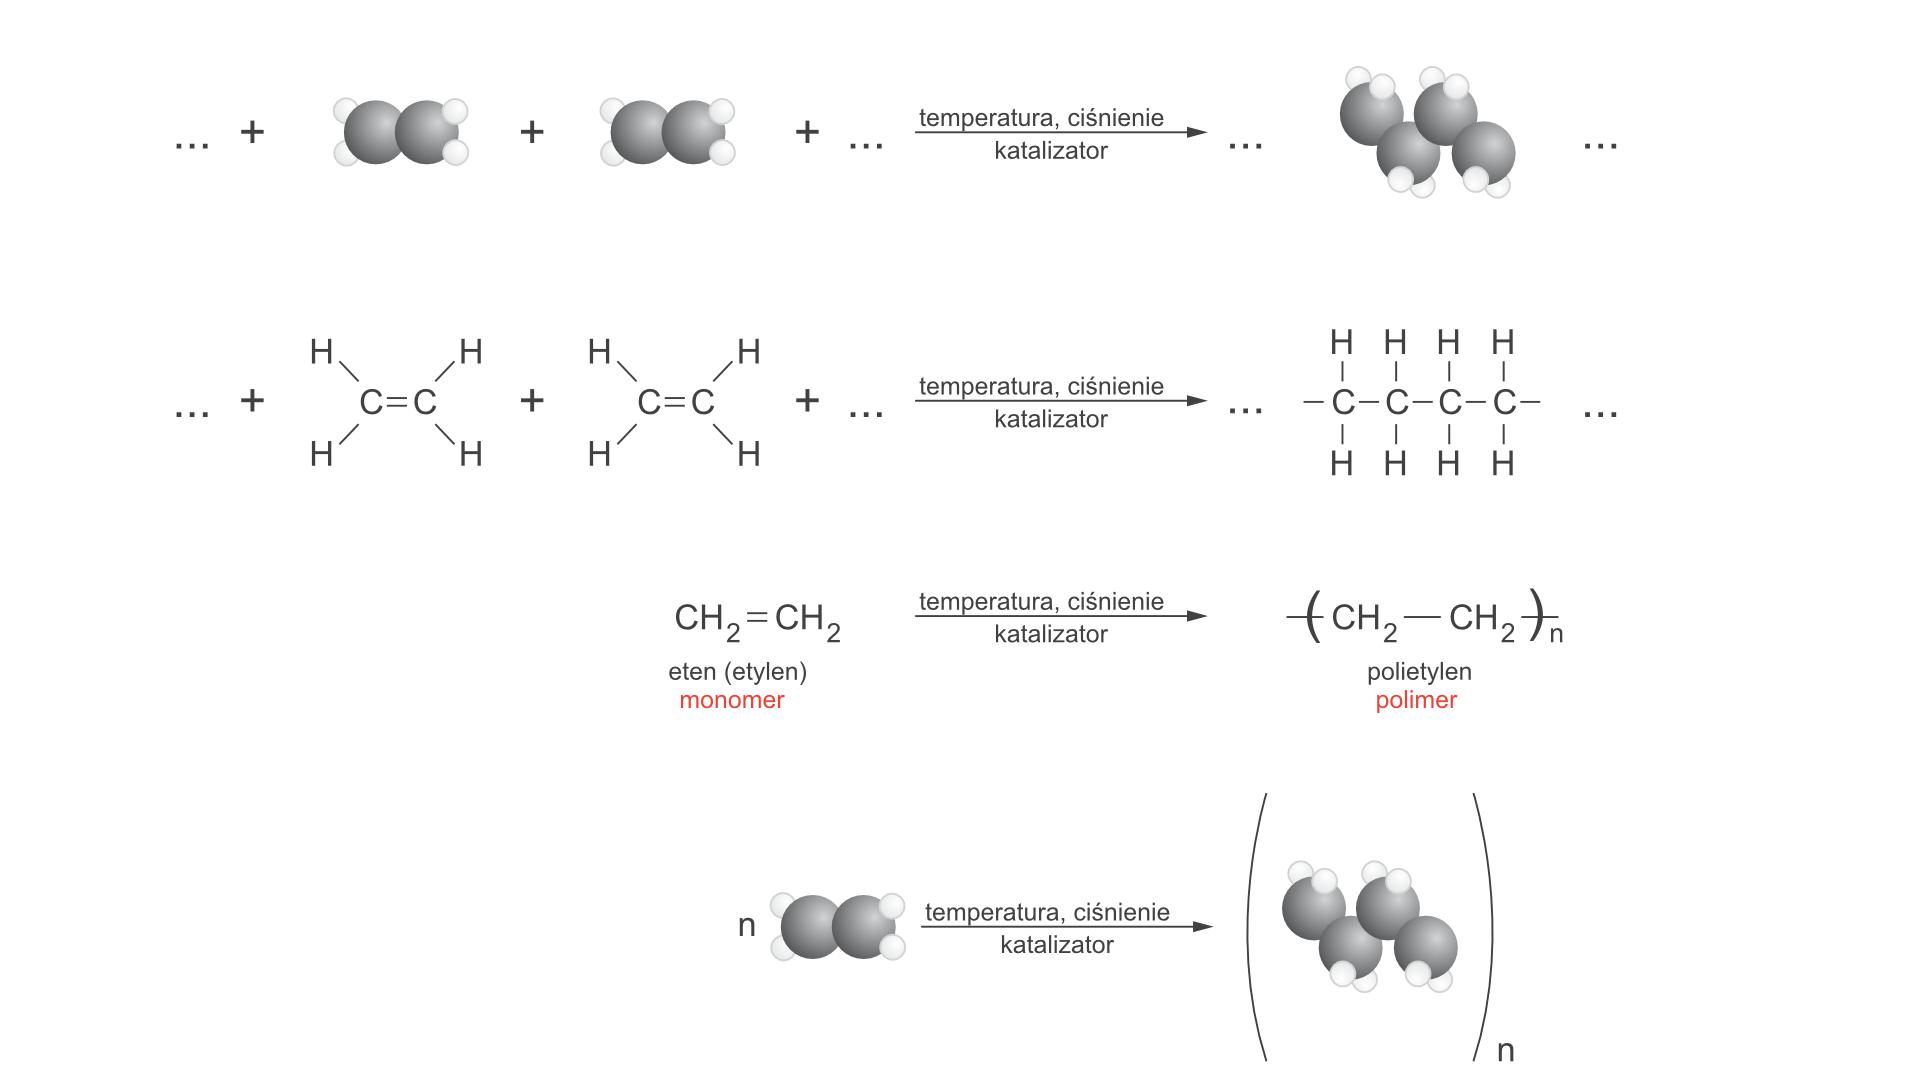 Reakcja polimeryzacji etylenu przebiega zgodnie zrównaniem